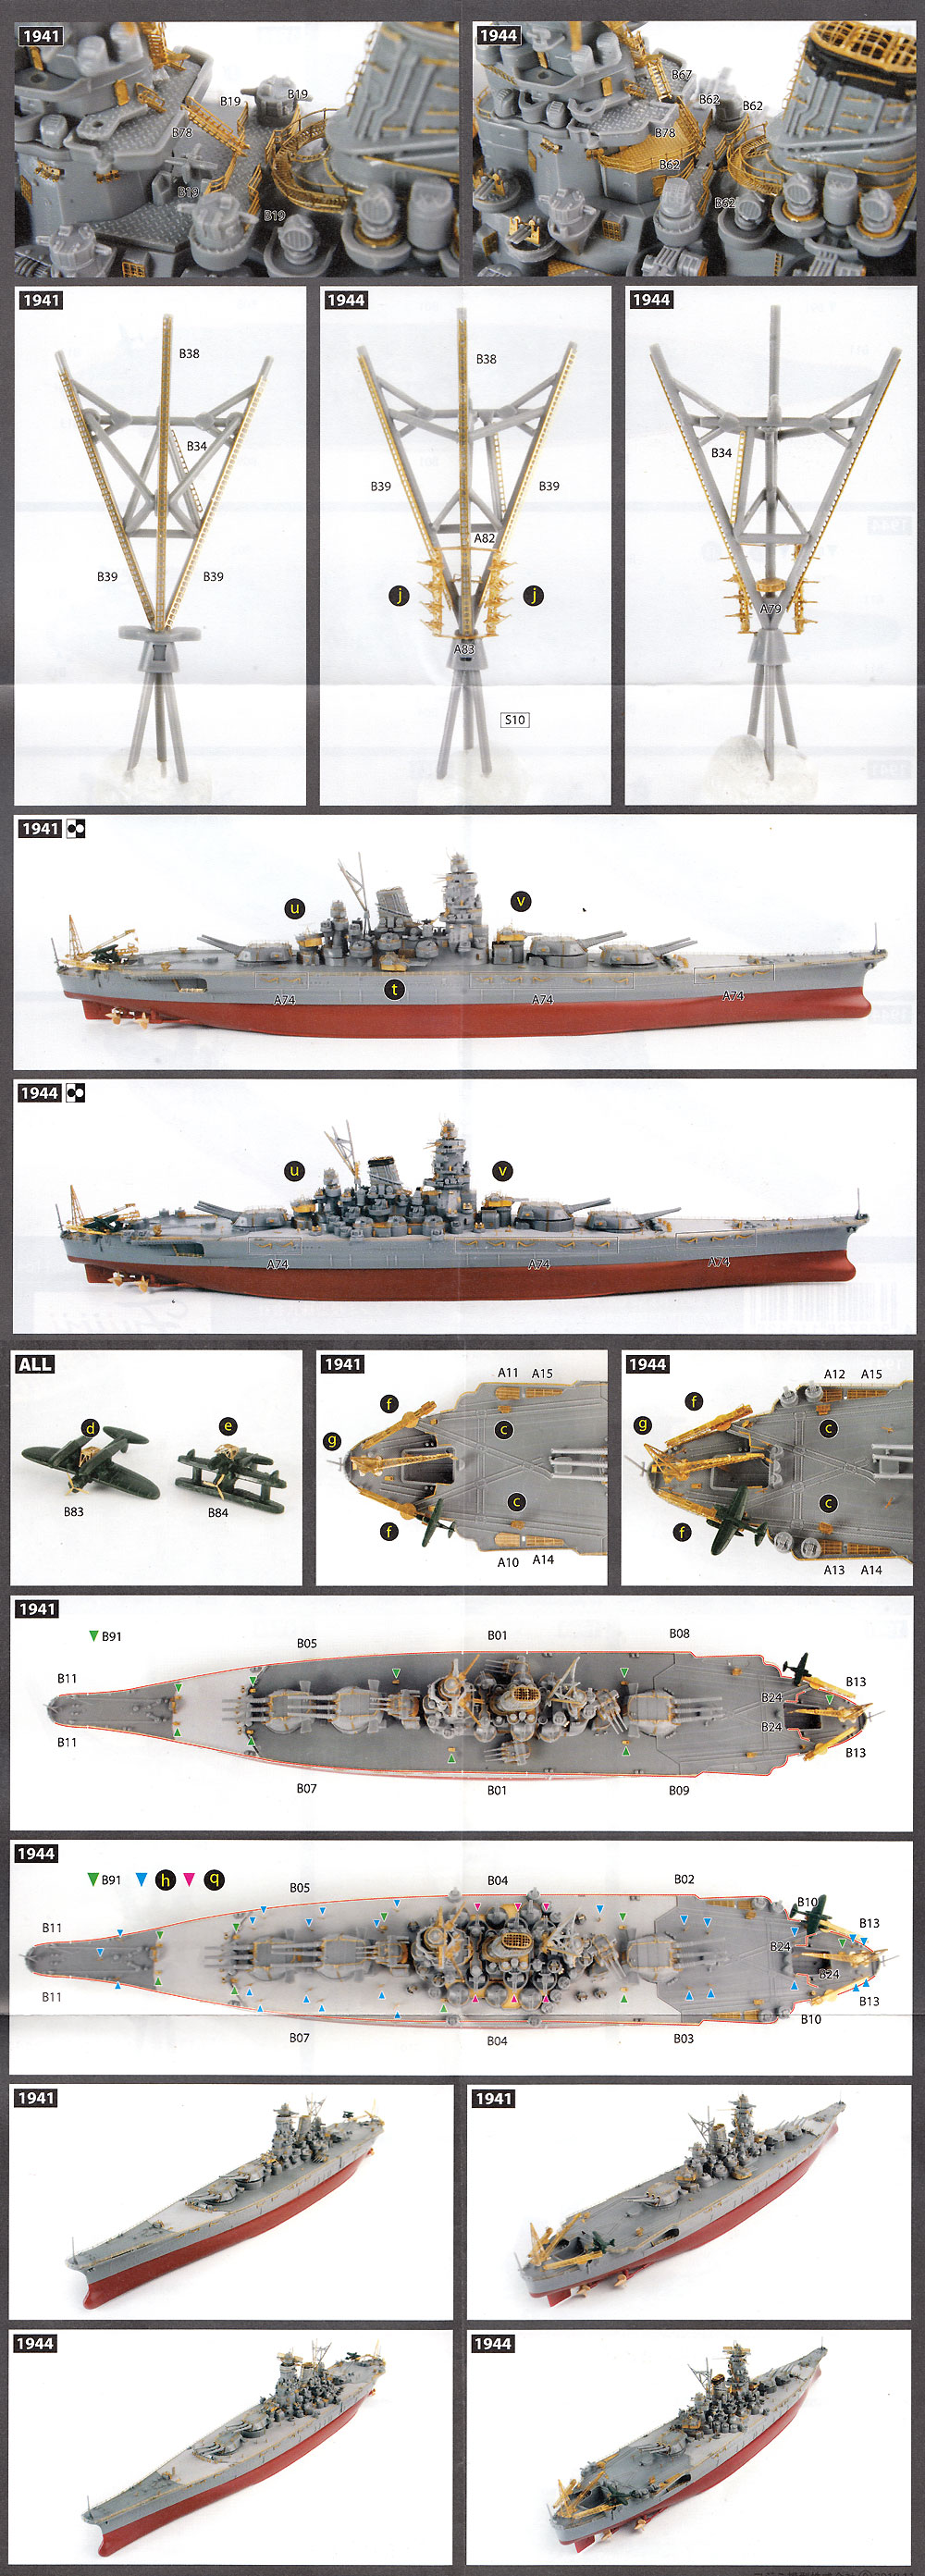 艦NEXT 日本海軍 戦艦 大和 昭和16年/19年 純正エッチングパーツエッチング(フジミ1/700 グレードアップパーツシリーズNo.137)商品画像_4